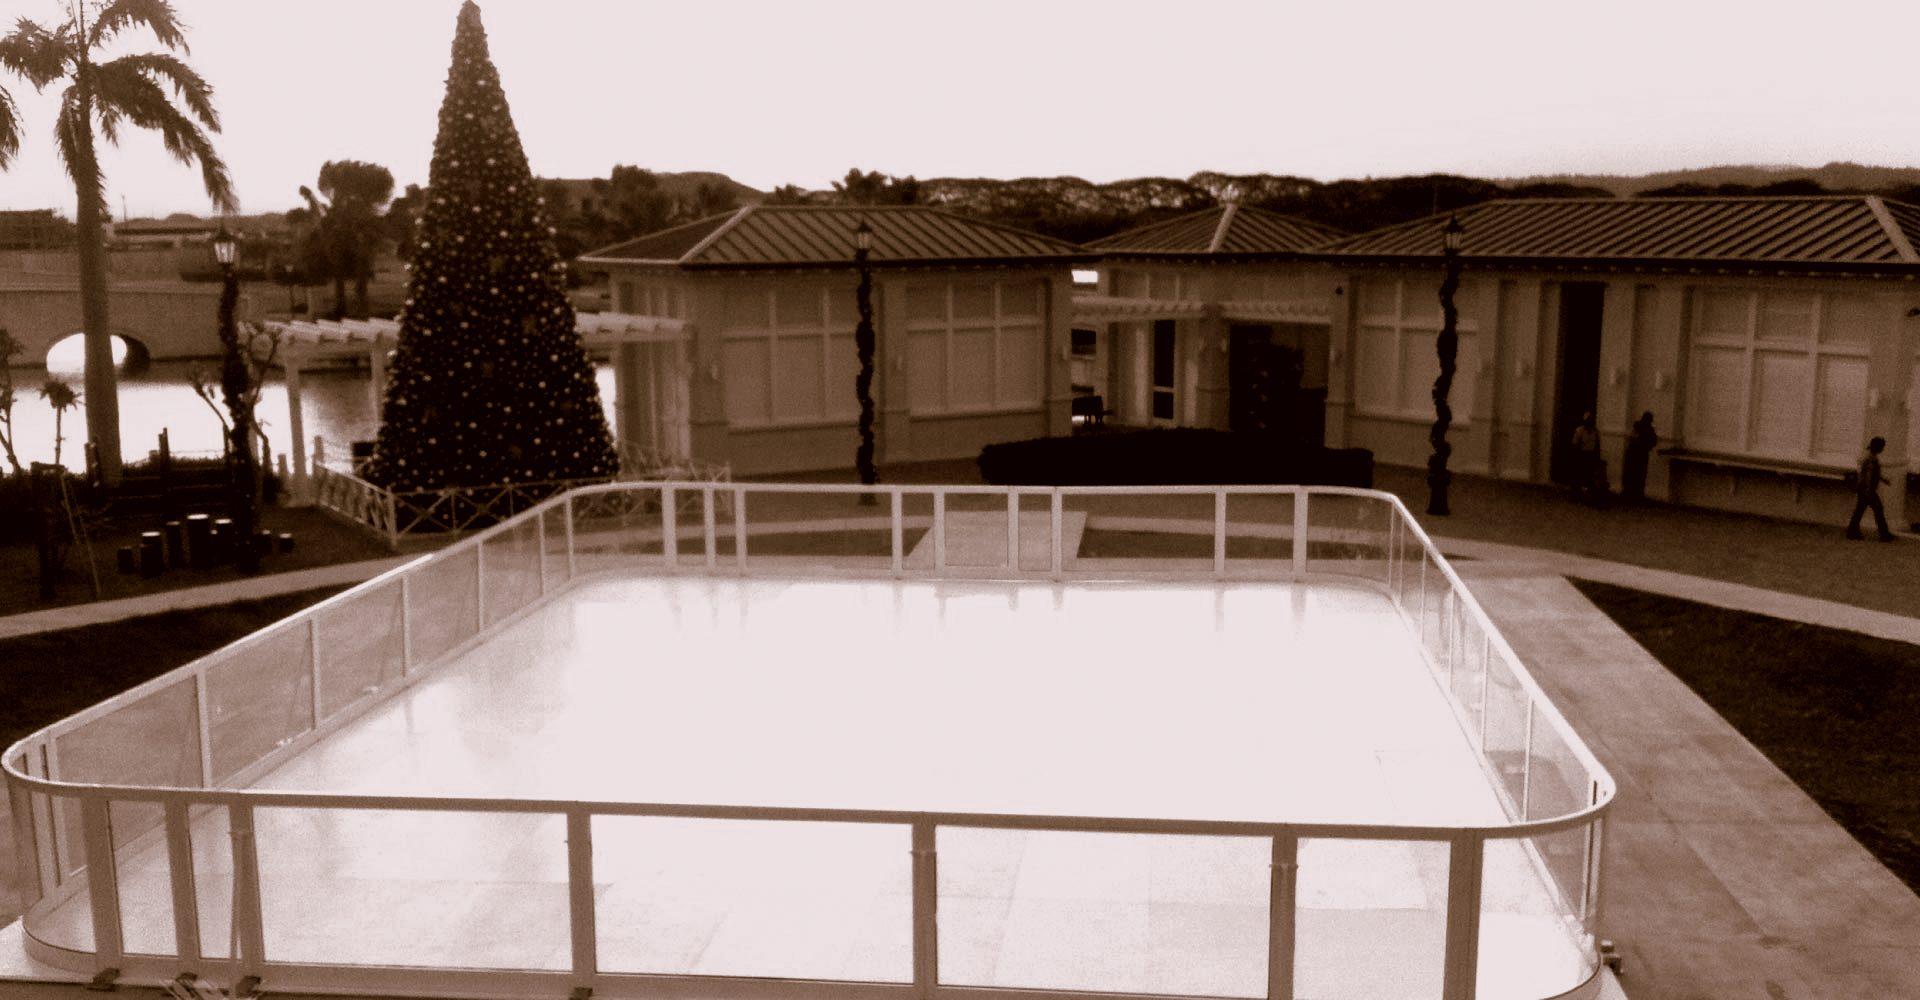 ice skating setup in india ice skating in india